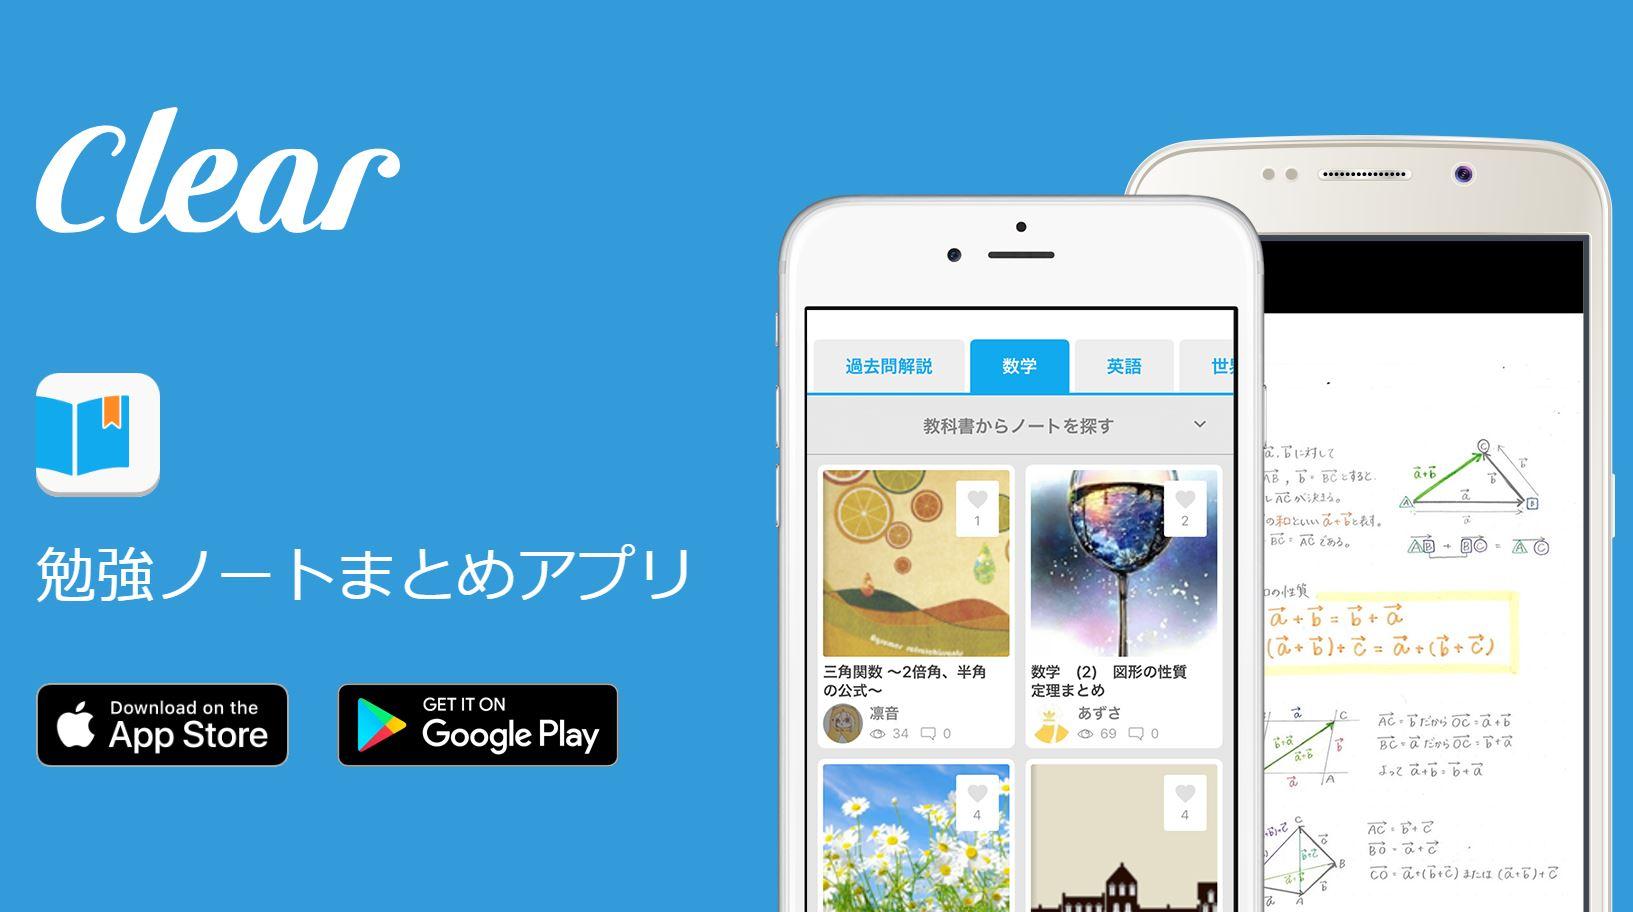 Clear【勉強ノートまとめアプリ】の口コミ・評判、おすすめの使い方を提案